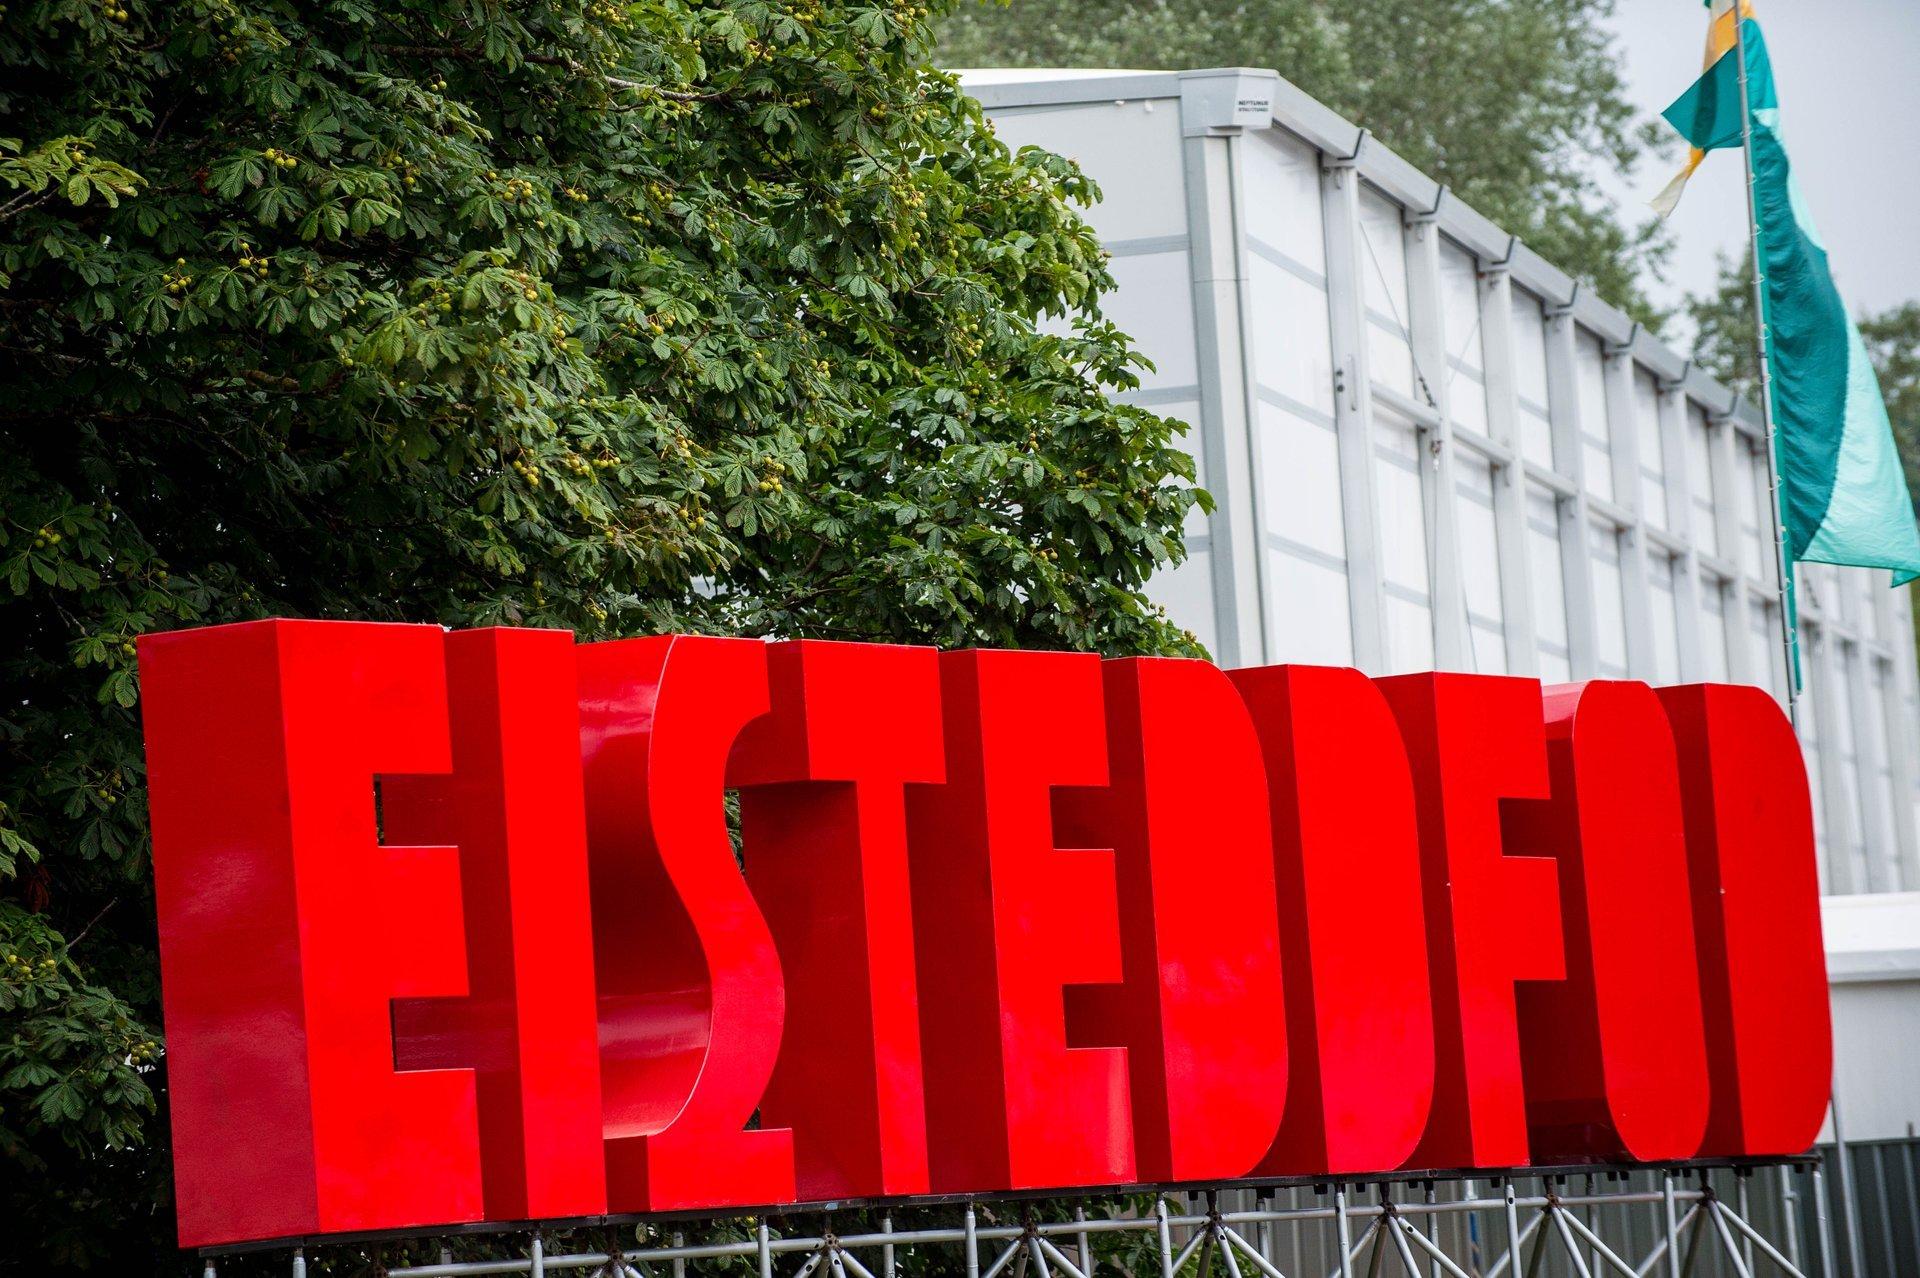 Eisteddfod in Wales - Best Season 2020